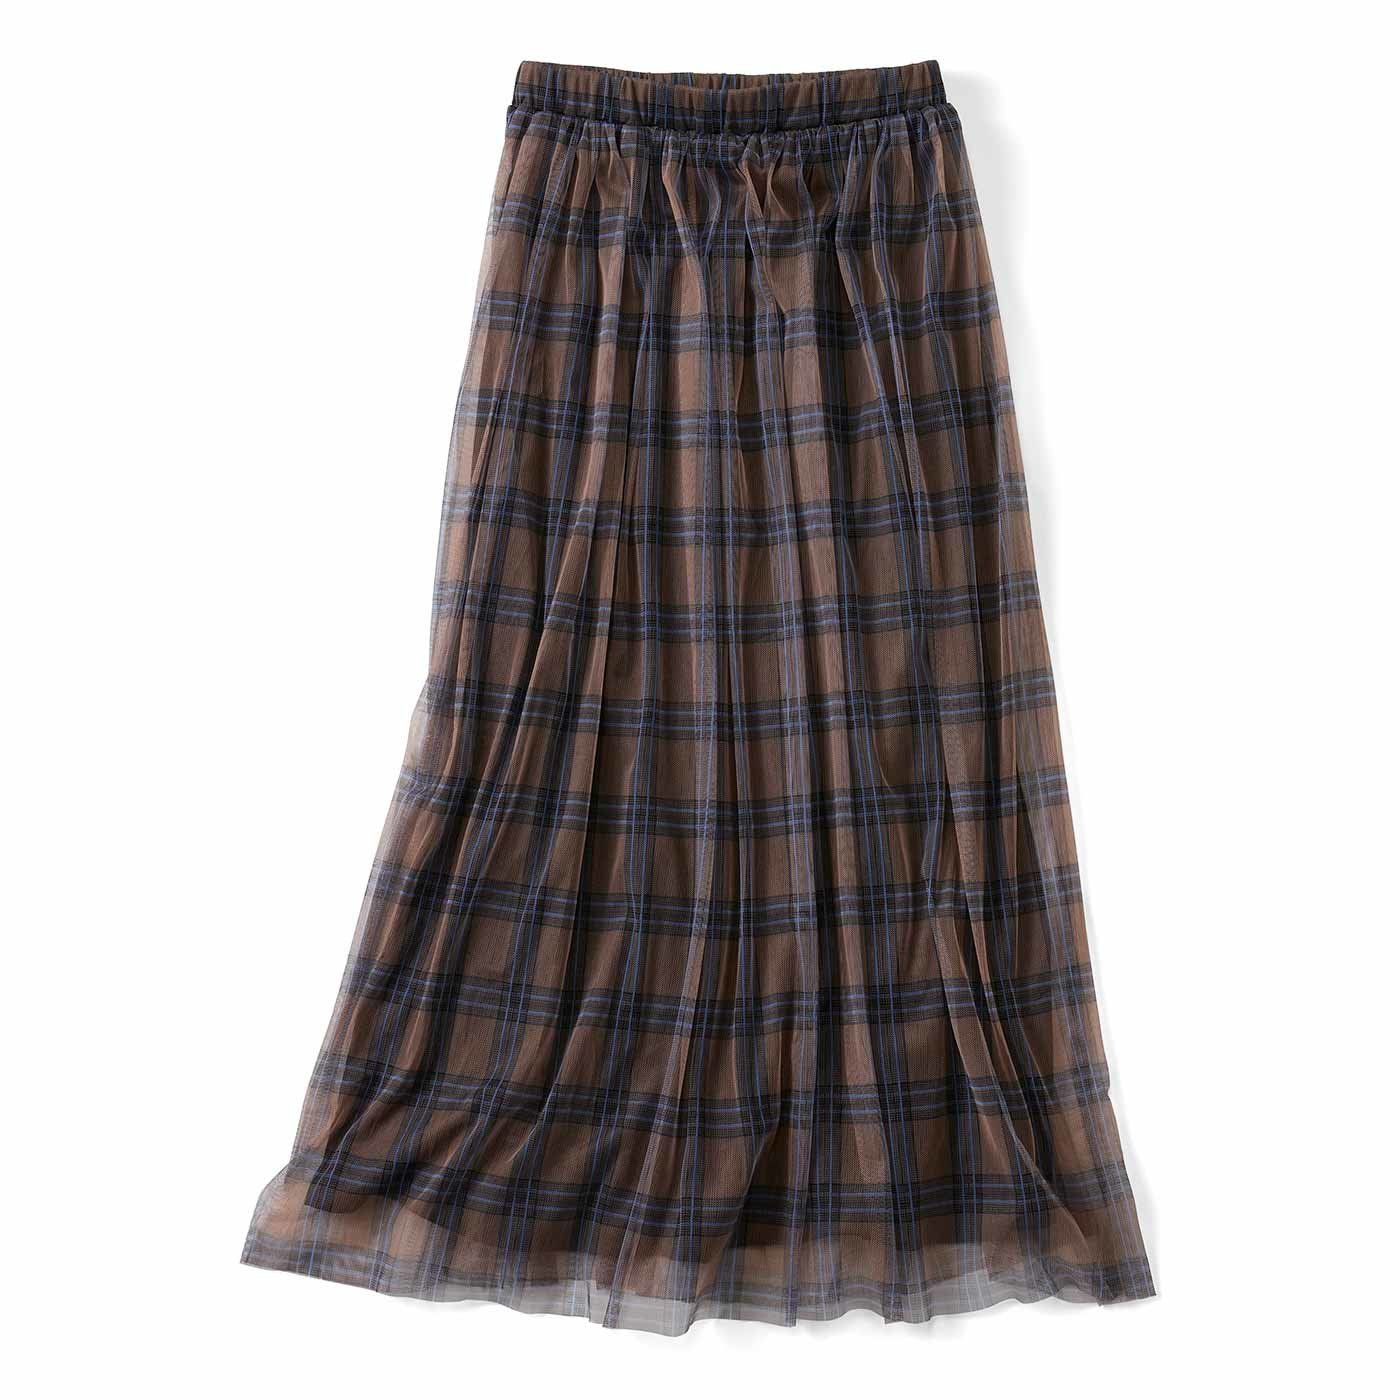 リブ イン コンフォート チェックチュールが華やかなふんわりギャザースカート〈チョコレートベージュ〉